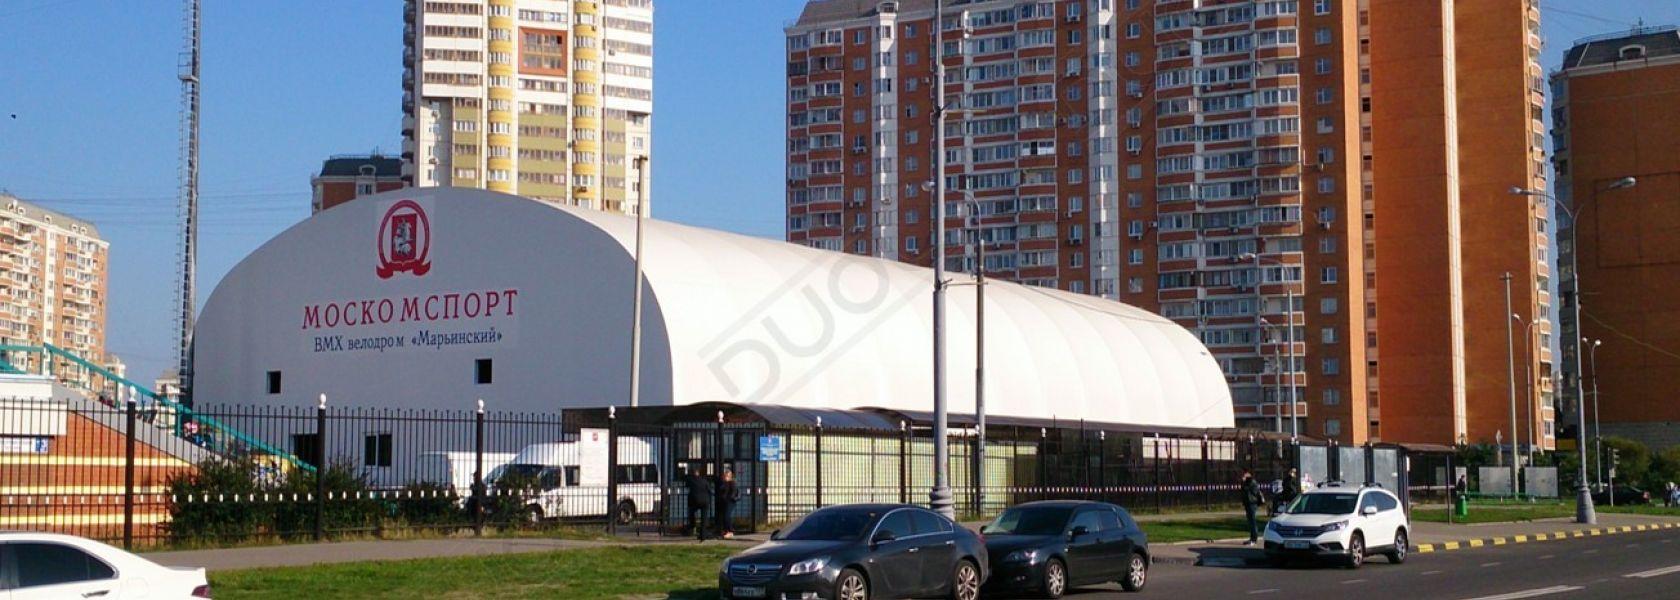 BMX Velodrom Moscow